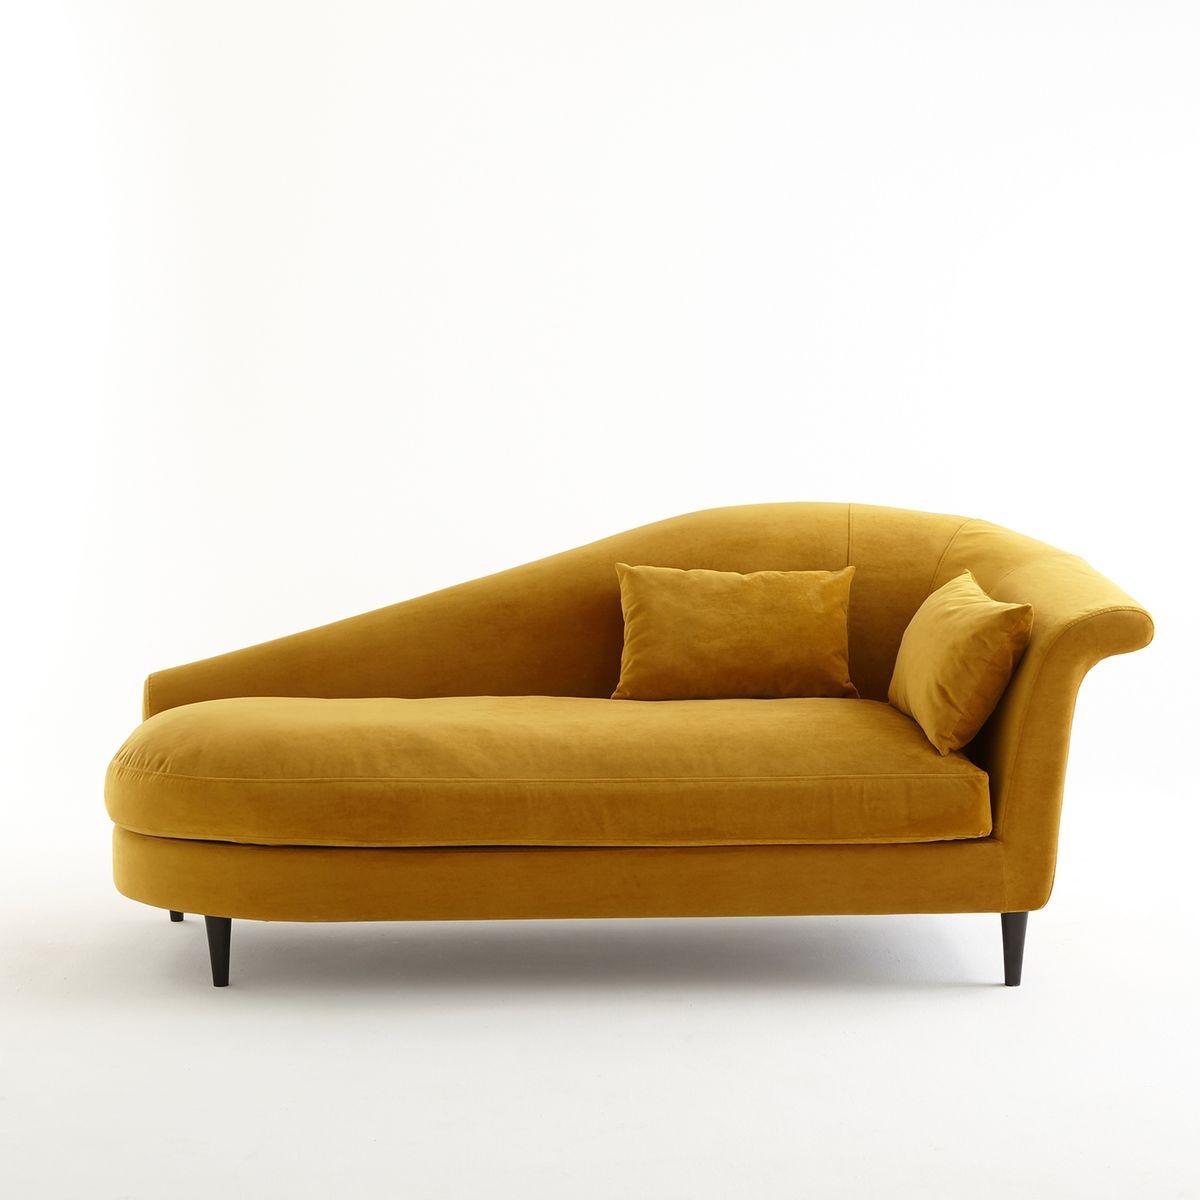 prix des m ridienne 2. Black Bedroom Furniture Sets. Home Design Ideas